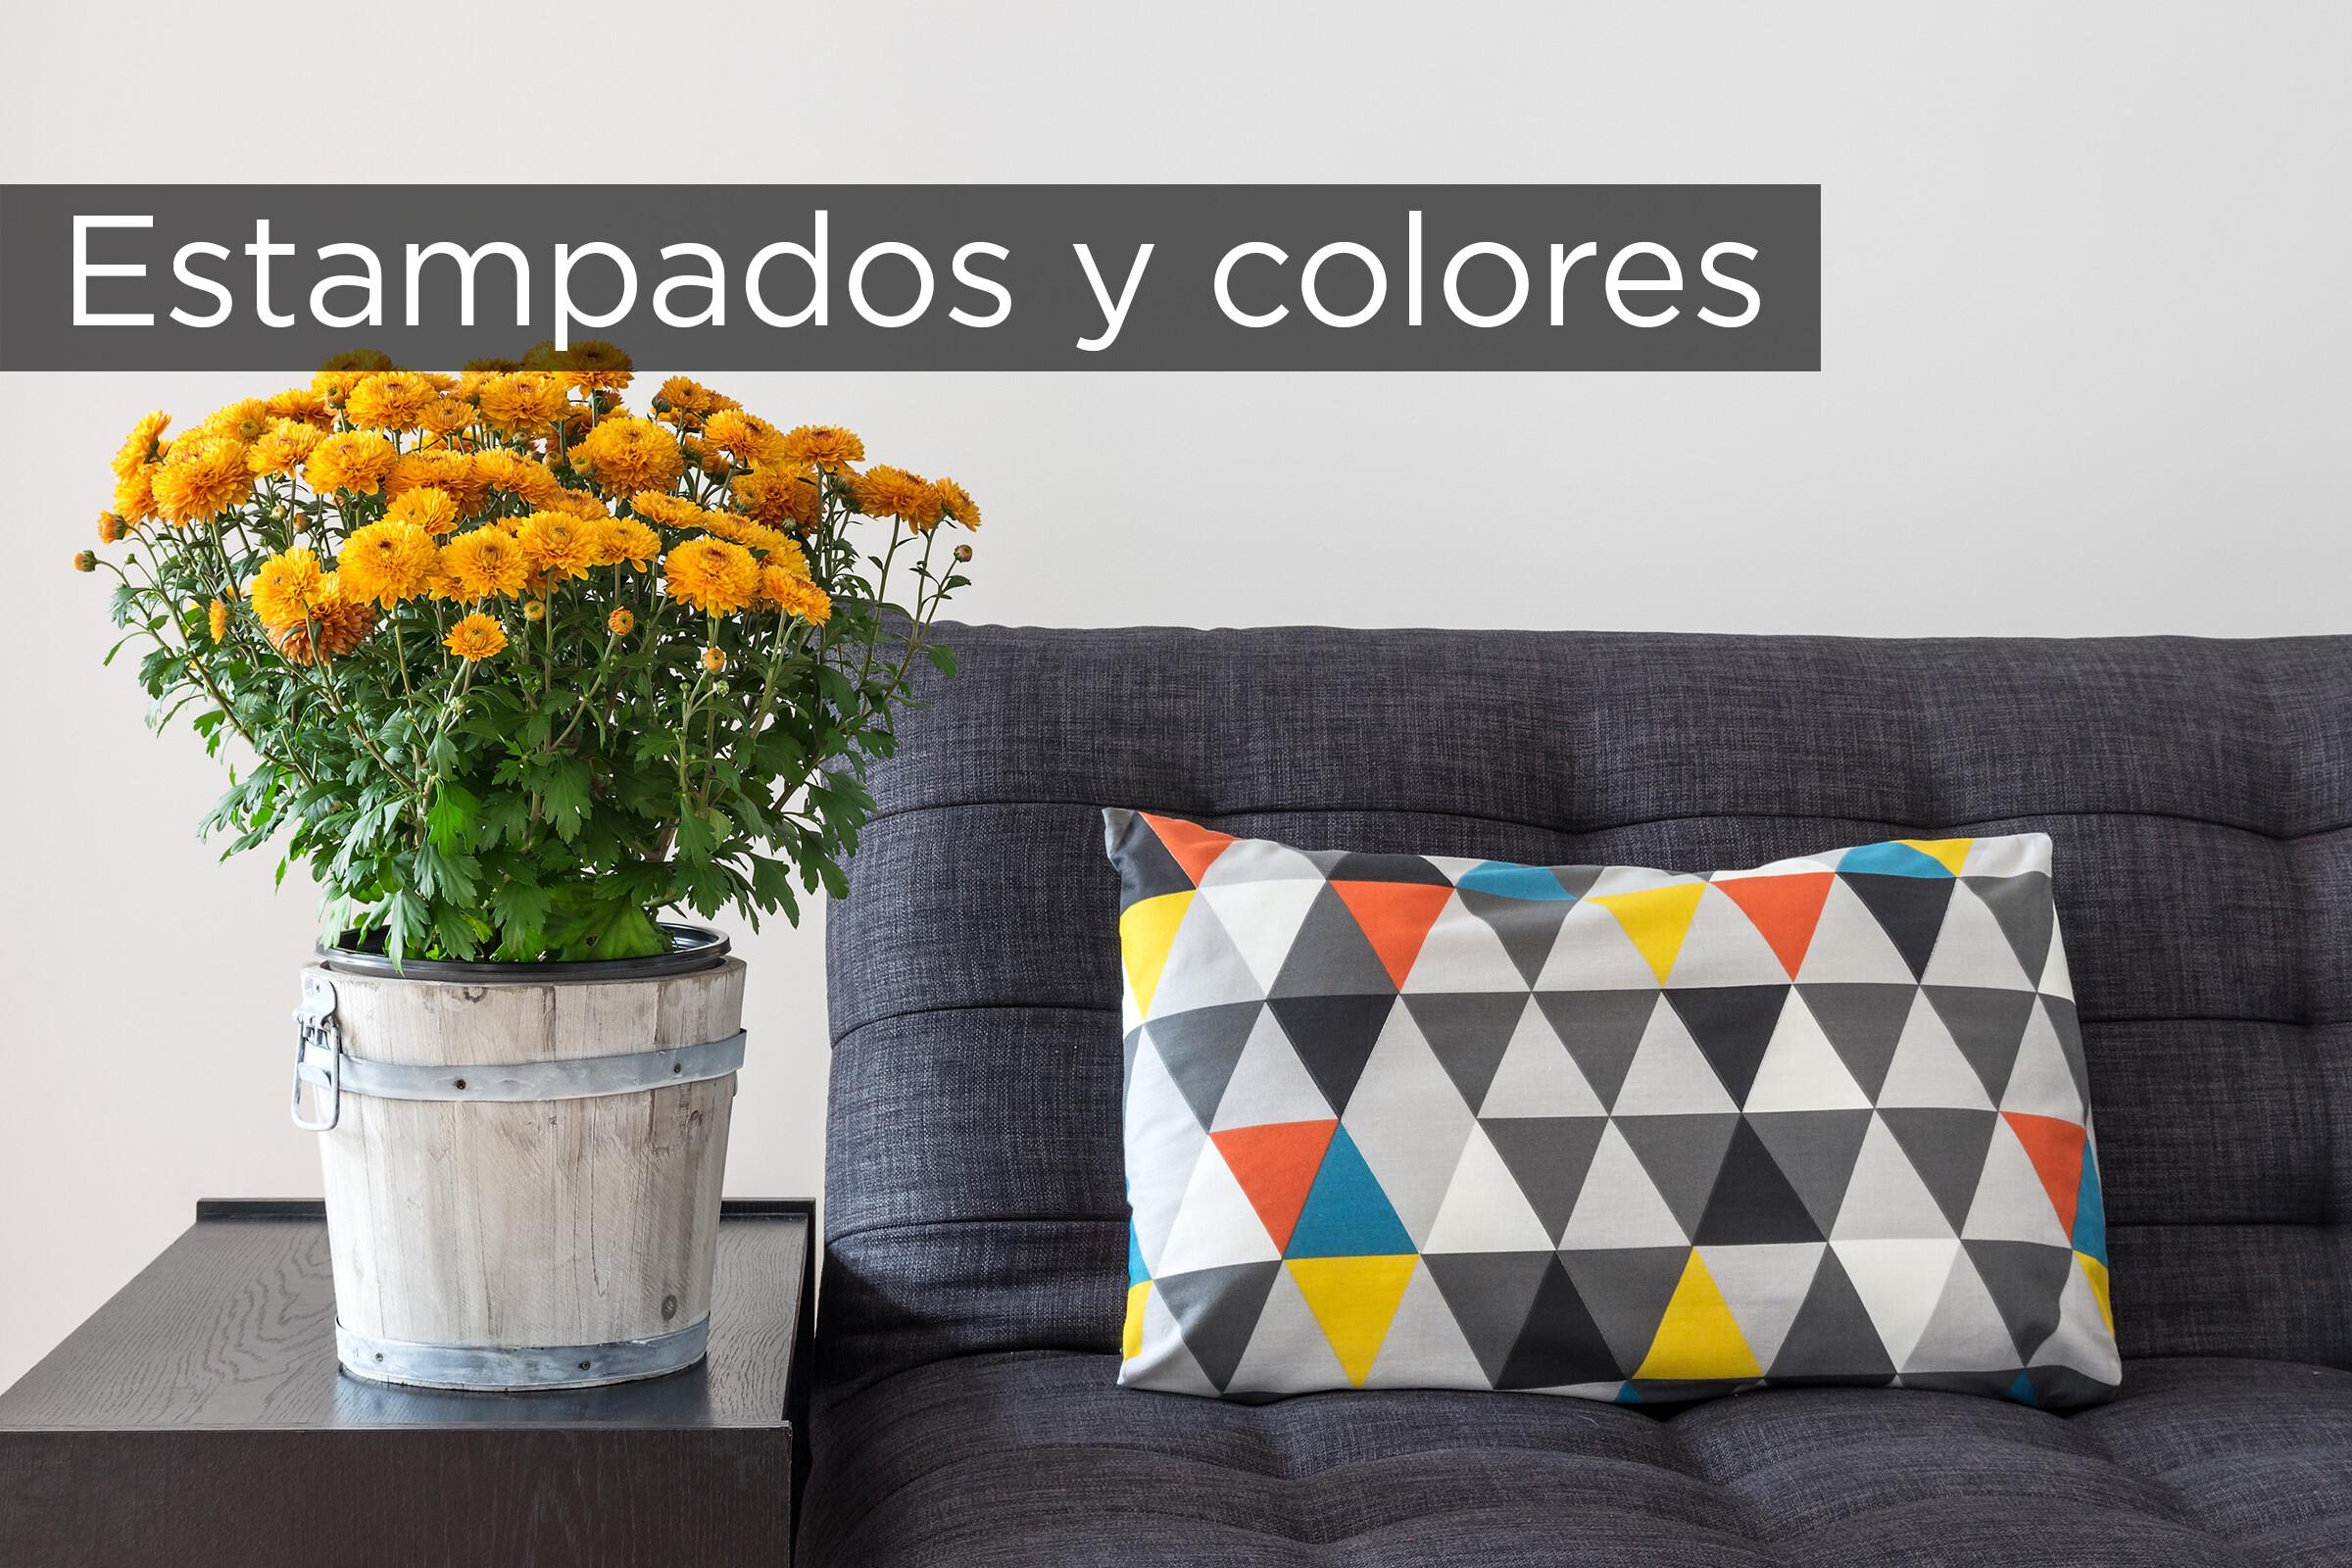 Estampados Y Colores